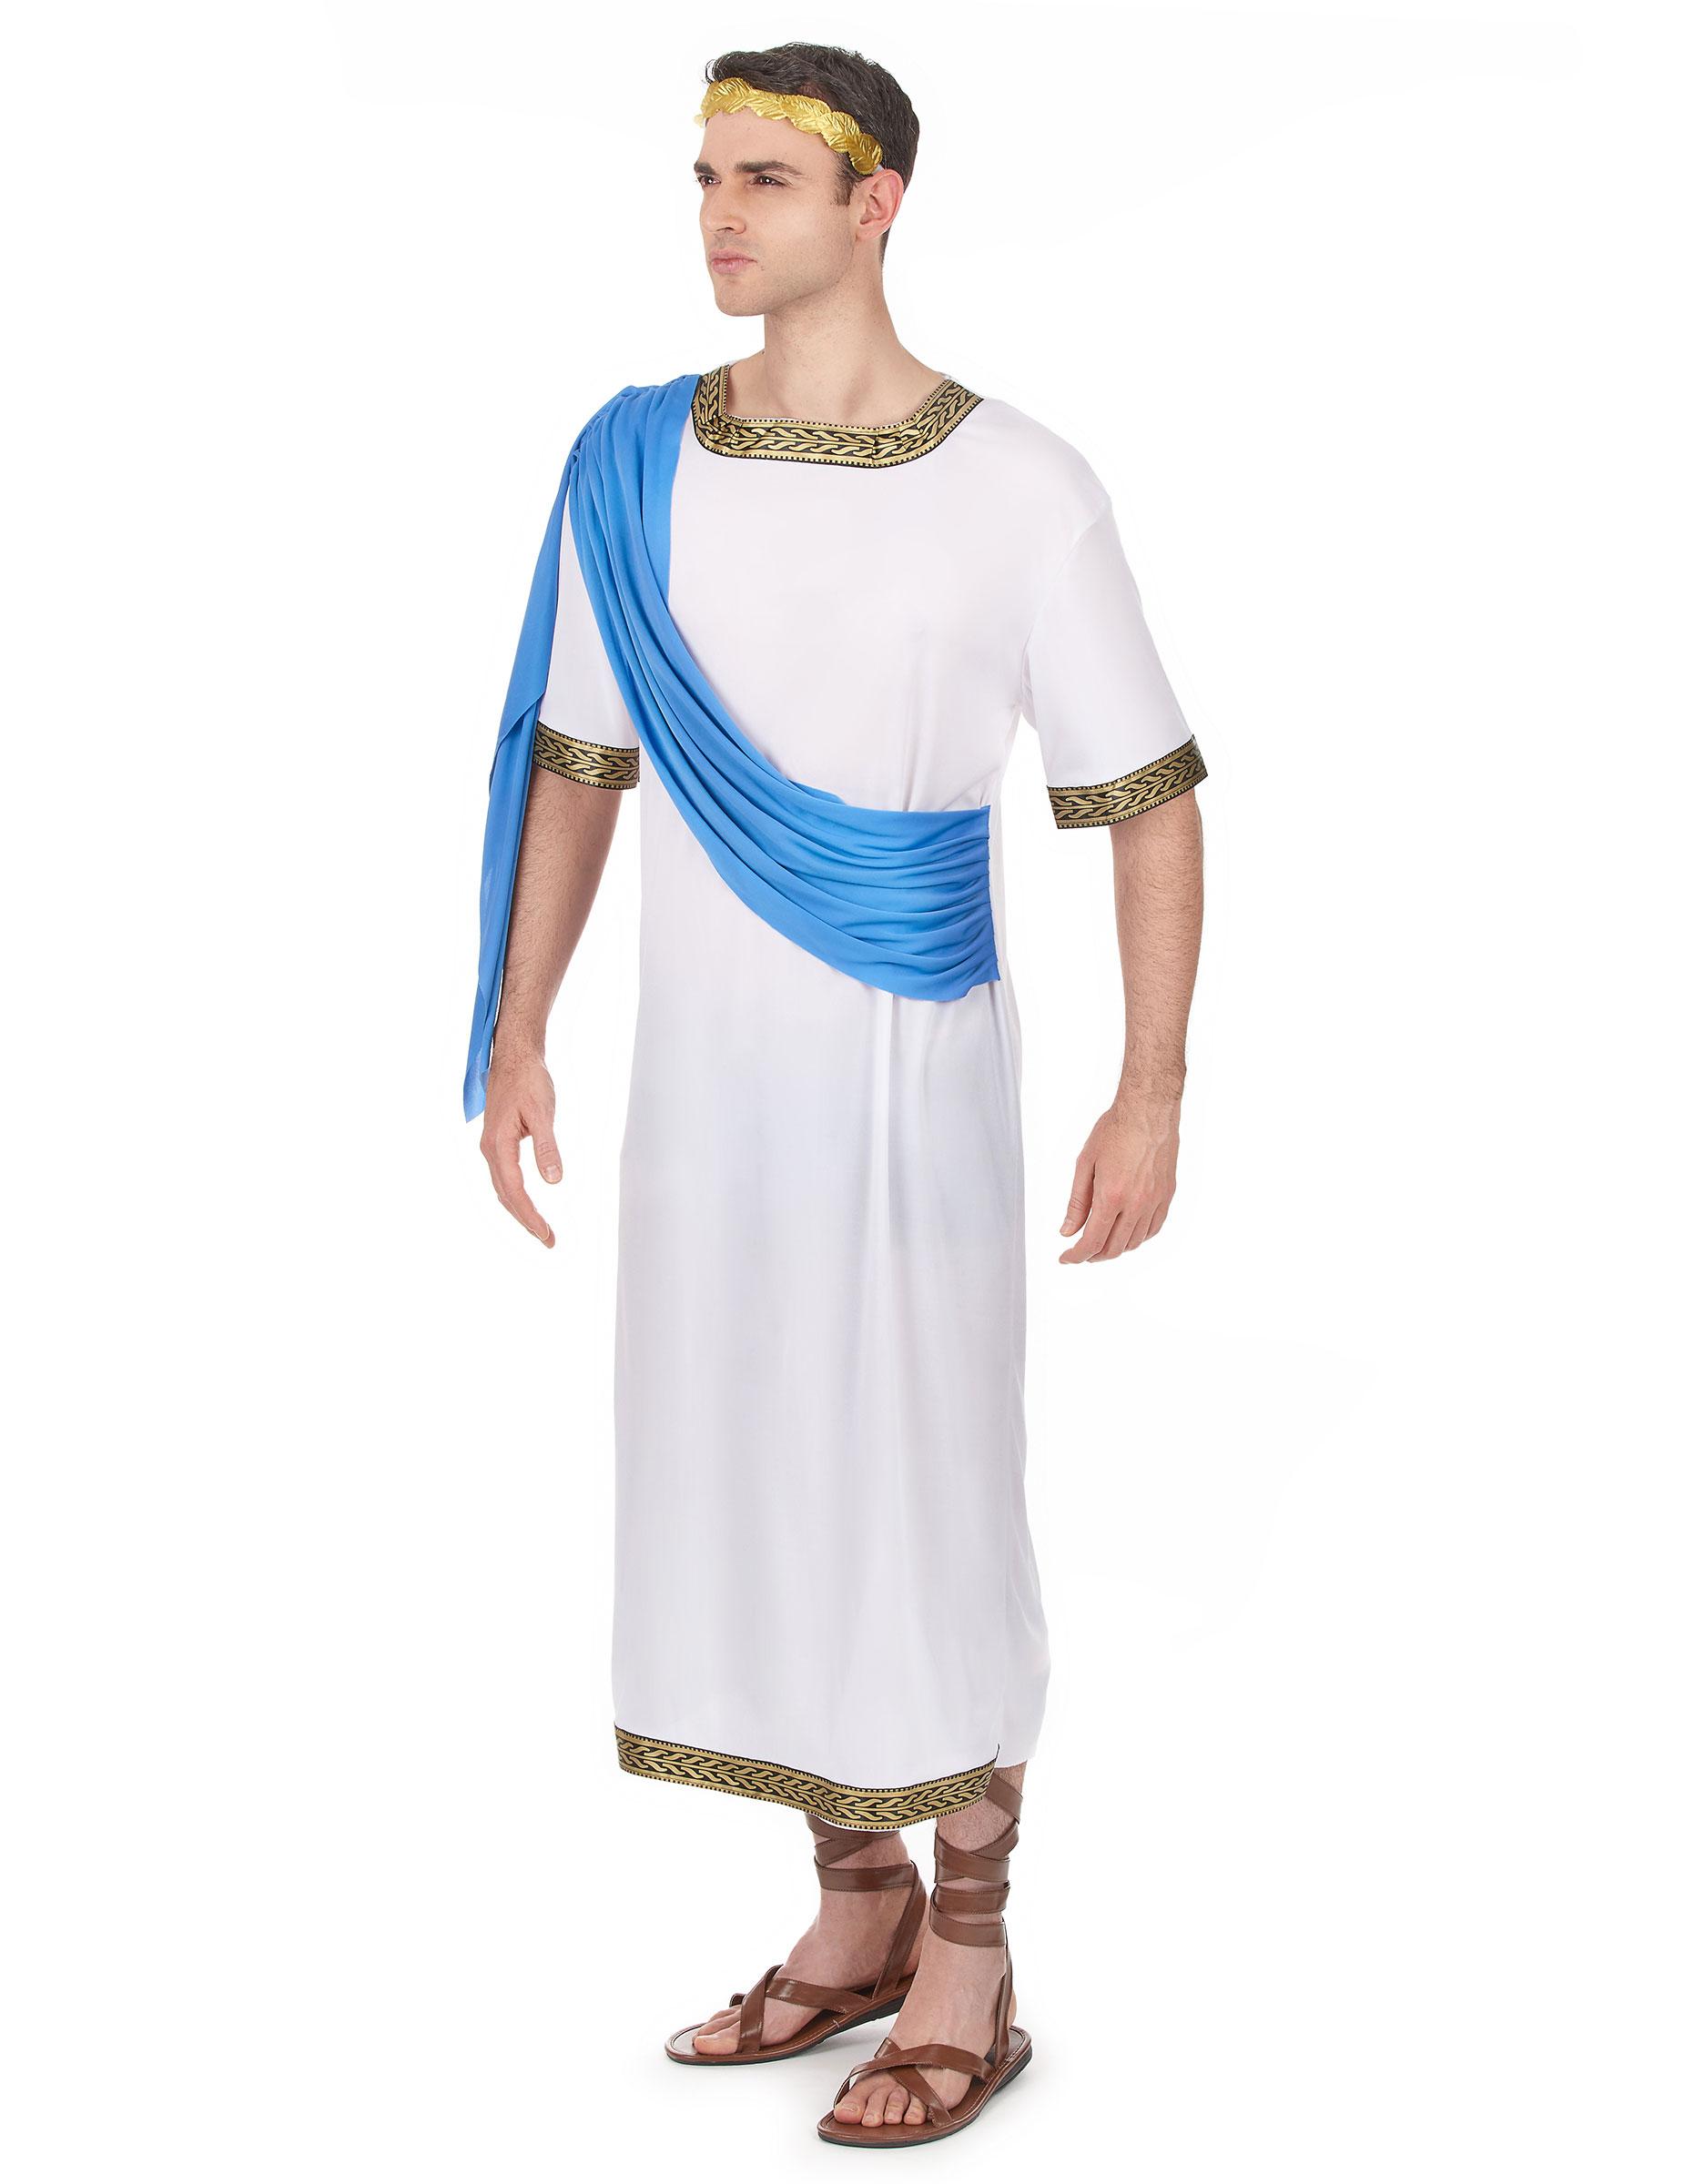 D guisement dieu grec homme d coration anniversaire et f tes th me sur vegaoo party - Deguisement dieu grec ...